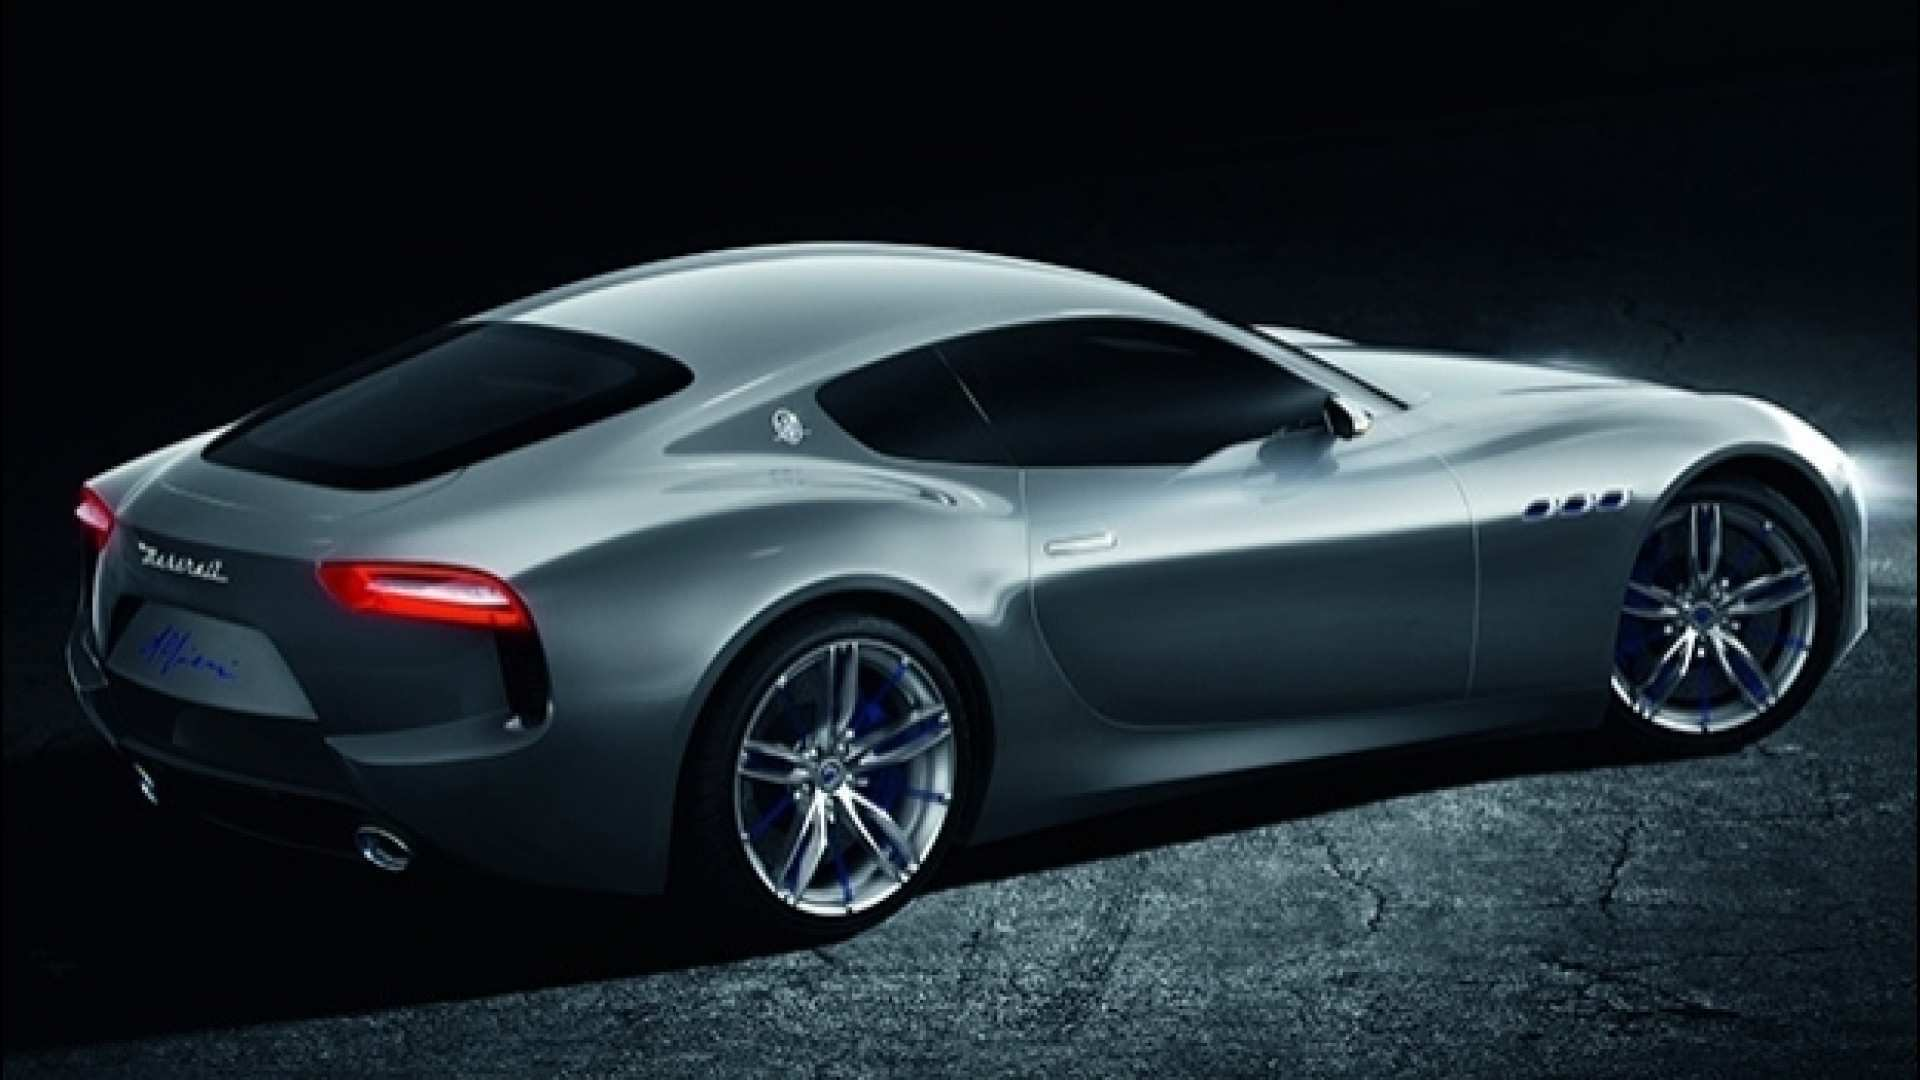 50 New Maserati Elettrica 2020 Overview with Maserati Elettrica 2020